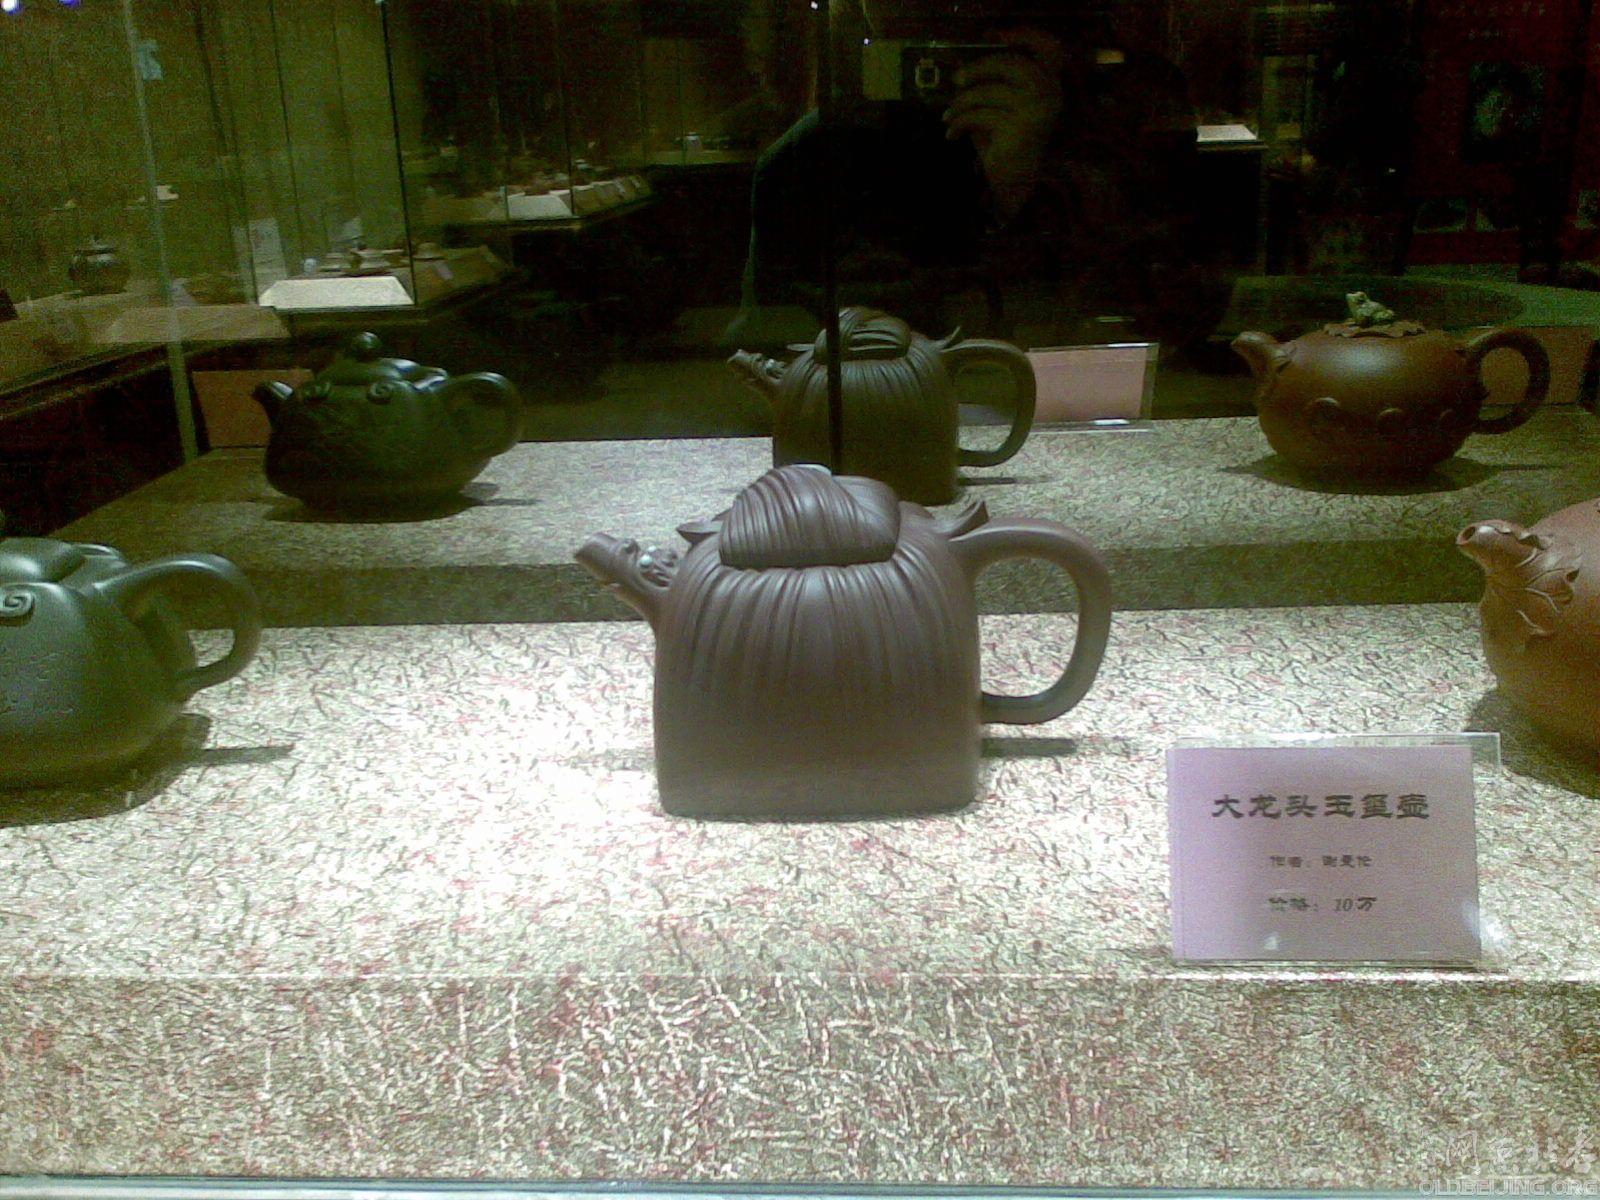 月坛北街,梧桐会馆,紫砂壶展